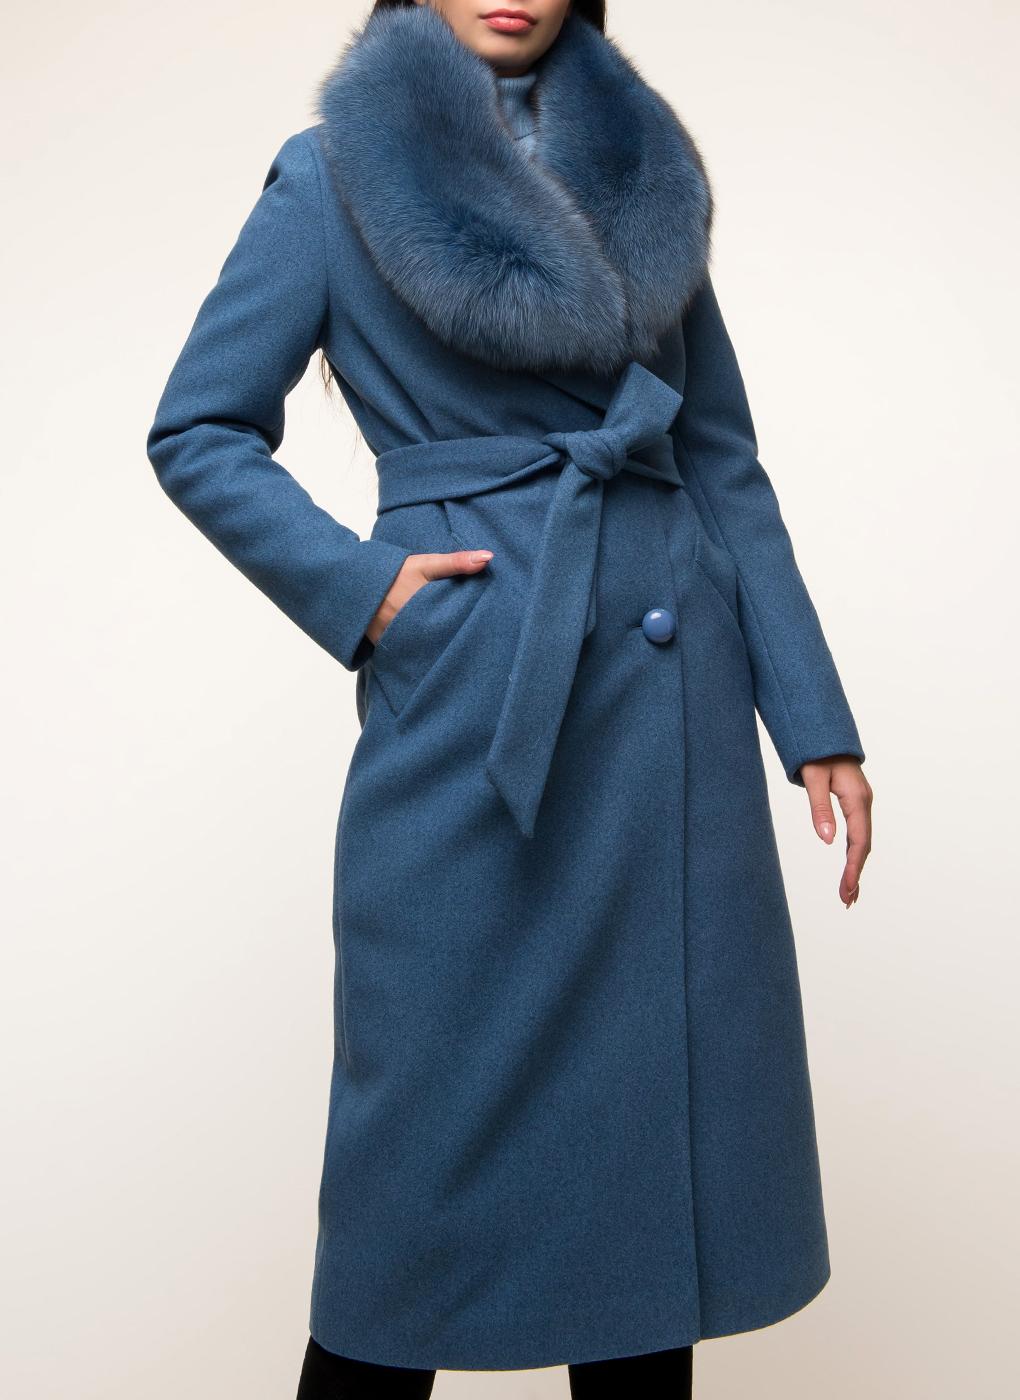 Пальто полушерстяное 56, Crosario фото